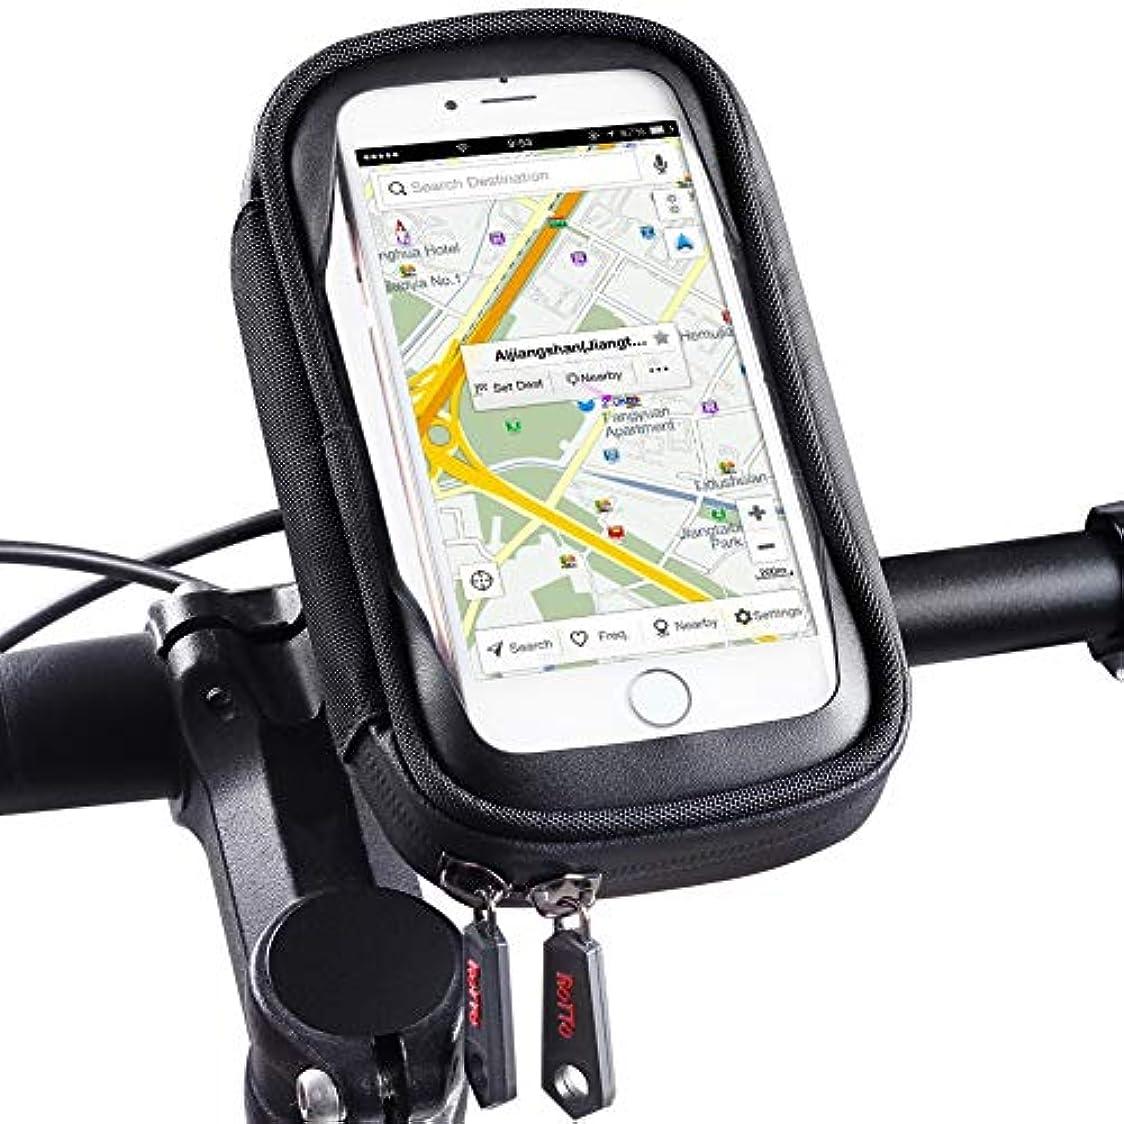 松遺産真剣にROTTO スマホホルダー 自転車 バイク 携帯ホルダー マウント 防水 防塵 360度回転 各種スマホ対応